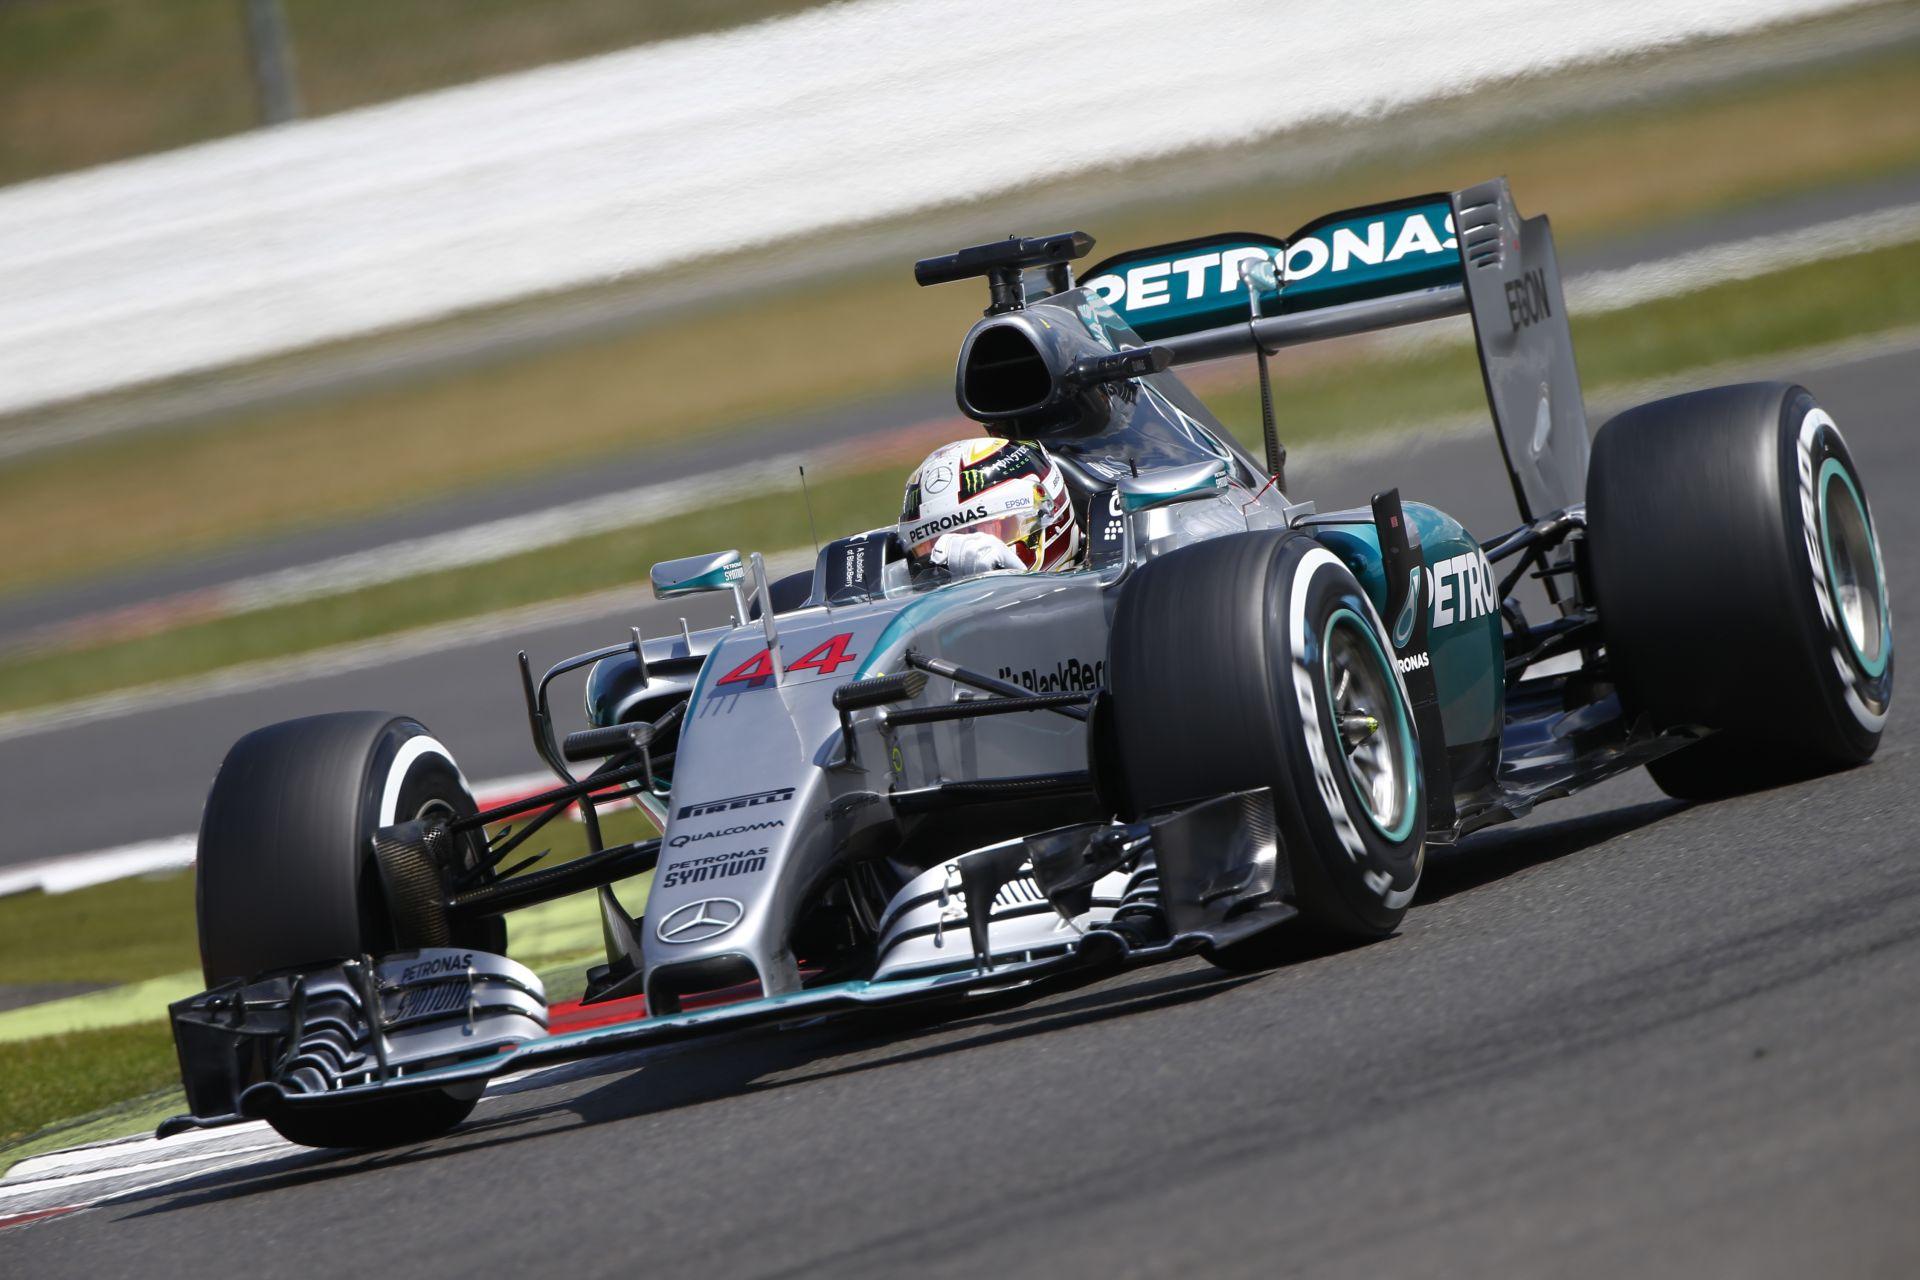 Hamilton előzési kísérlete Massa ellen Silverstone-ban: A brazil keményen védekezett